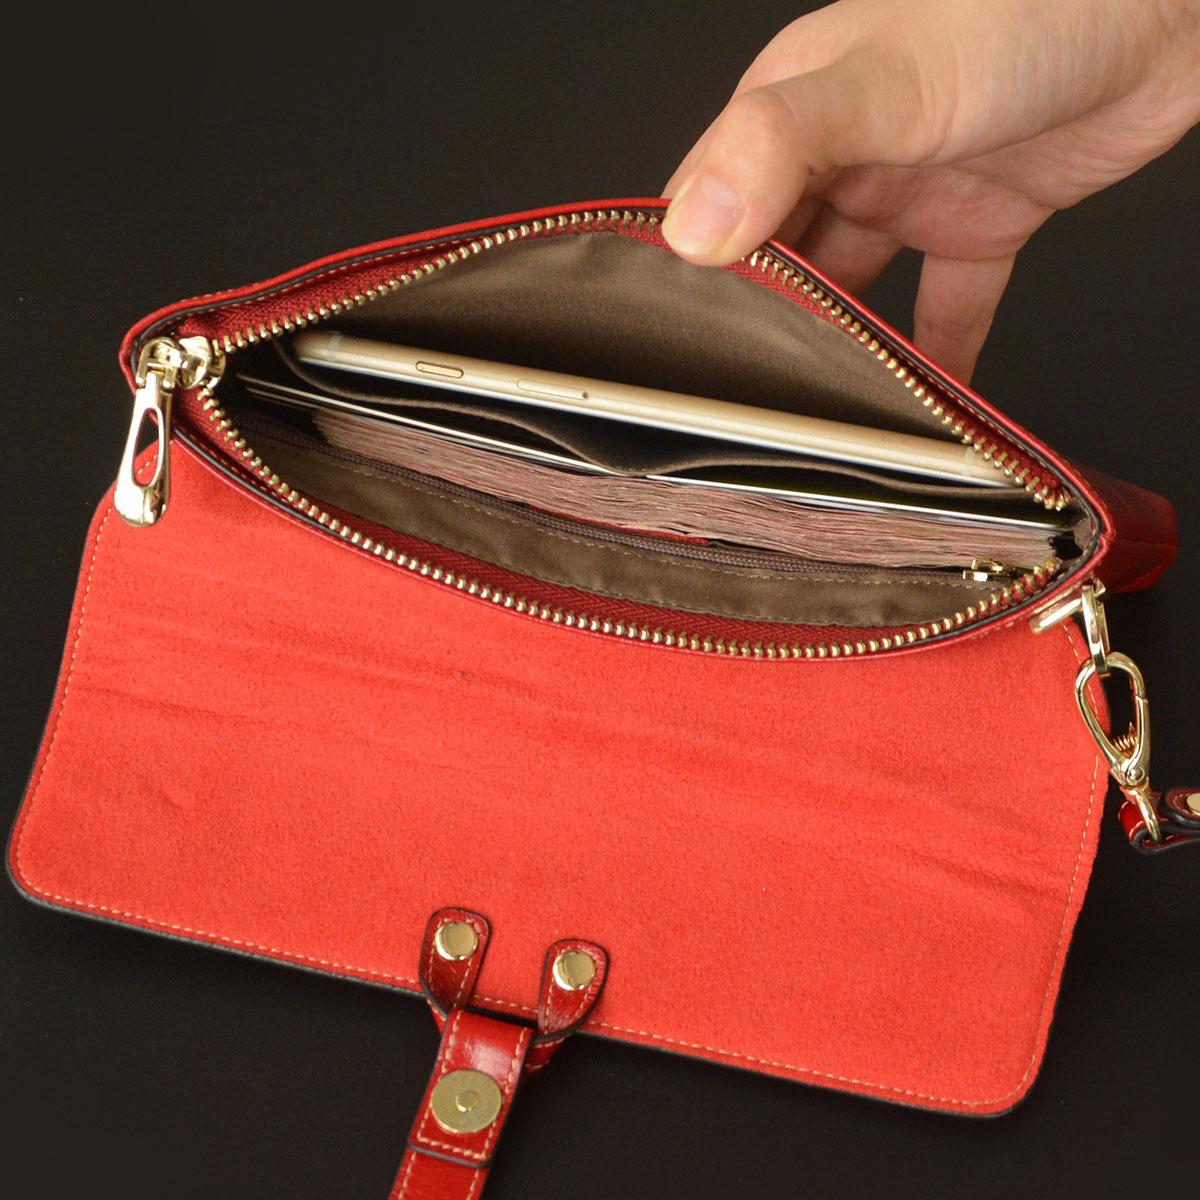 2018 Valódi luxus kézitáskák táskák Designer szemek kis szörny kéz ... 9e6c9af03a